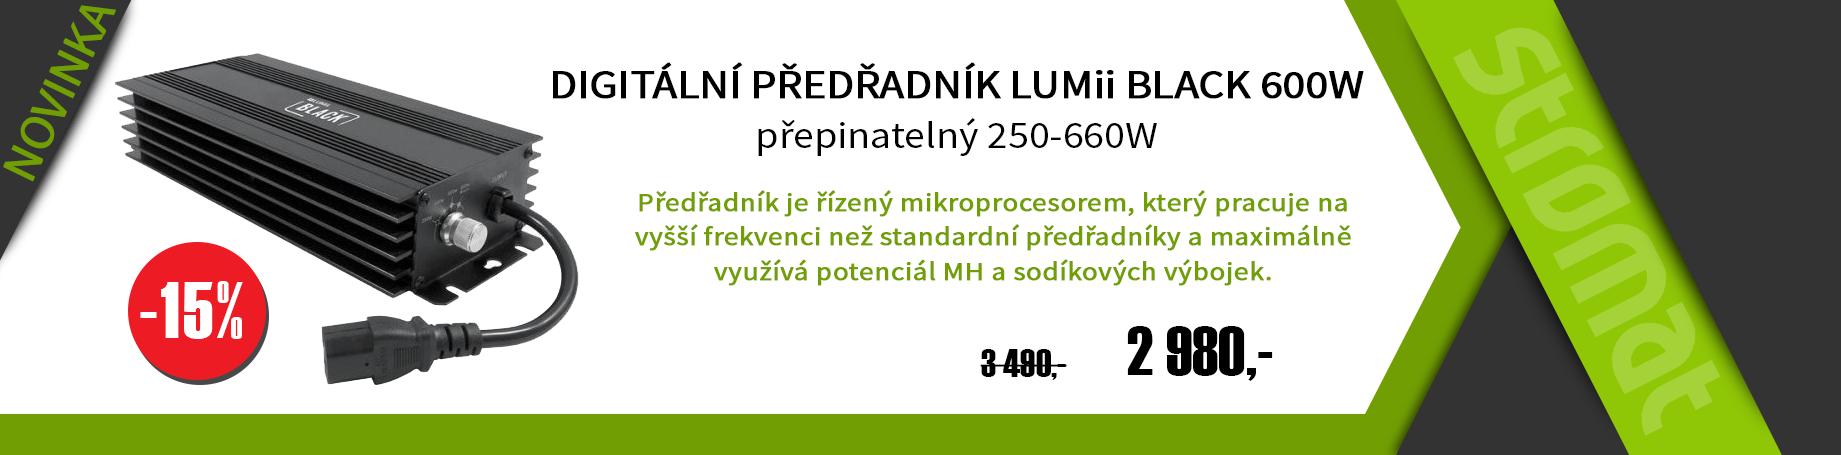 Eletronický přepínatelný předřadník Lumii Black 600W maximálně podporuje světelný tok.